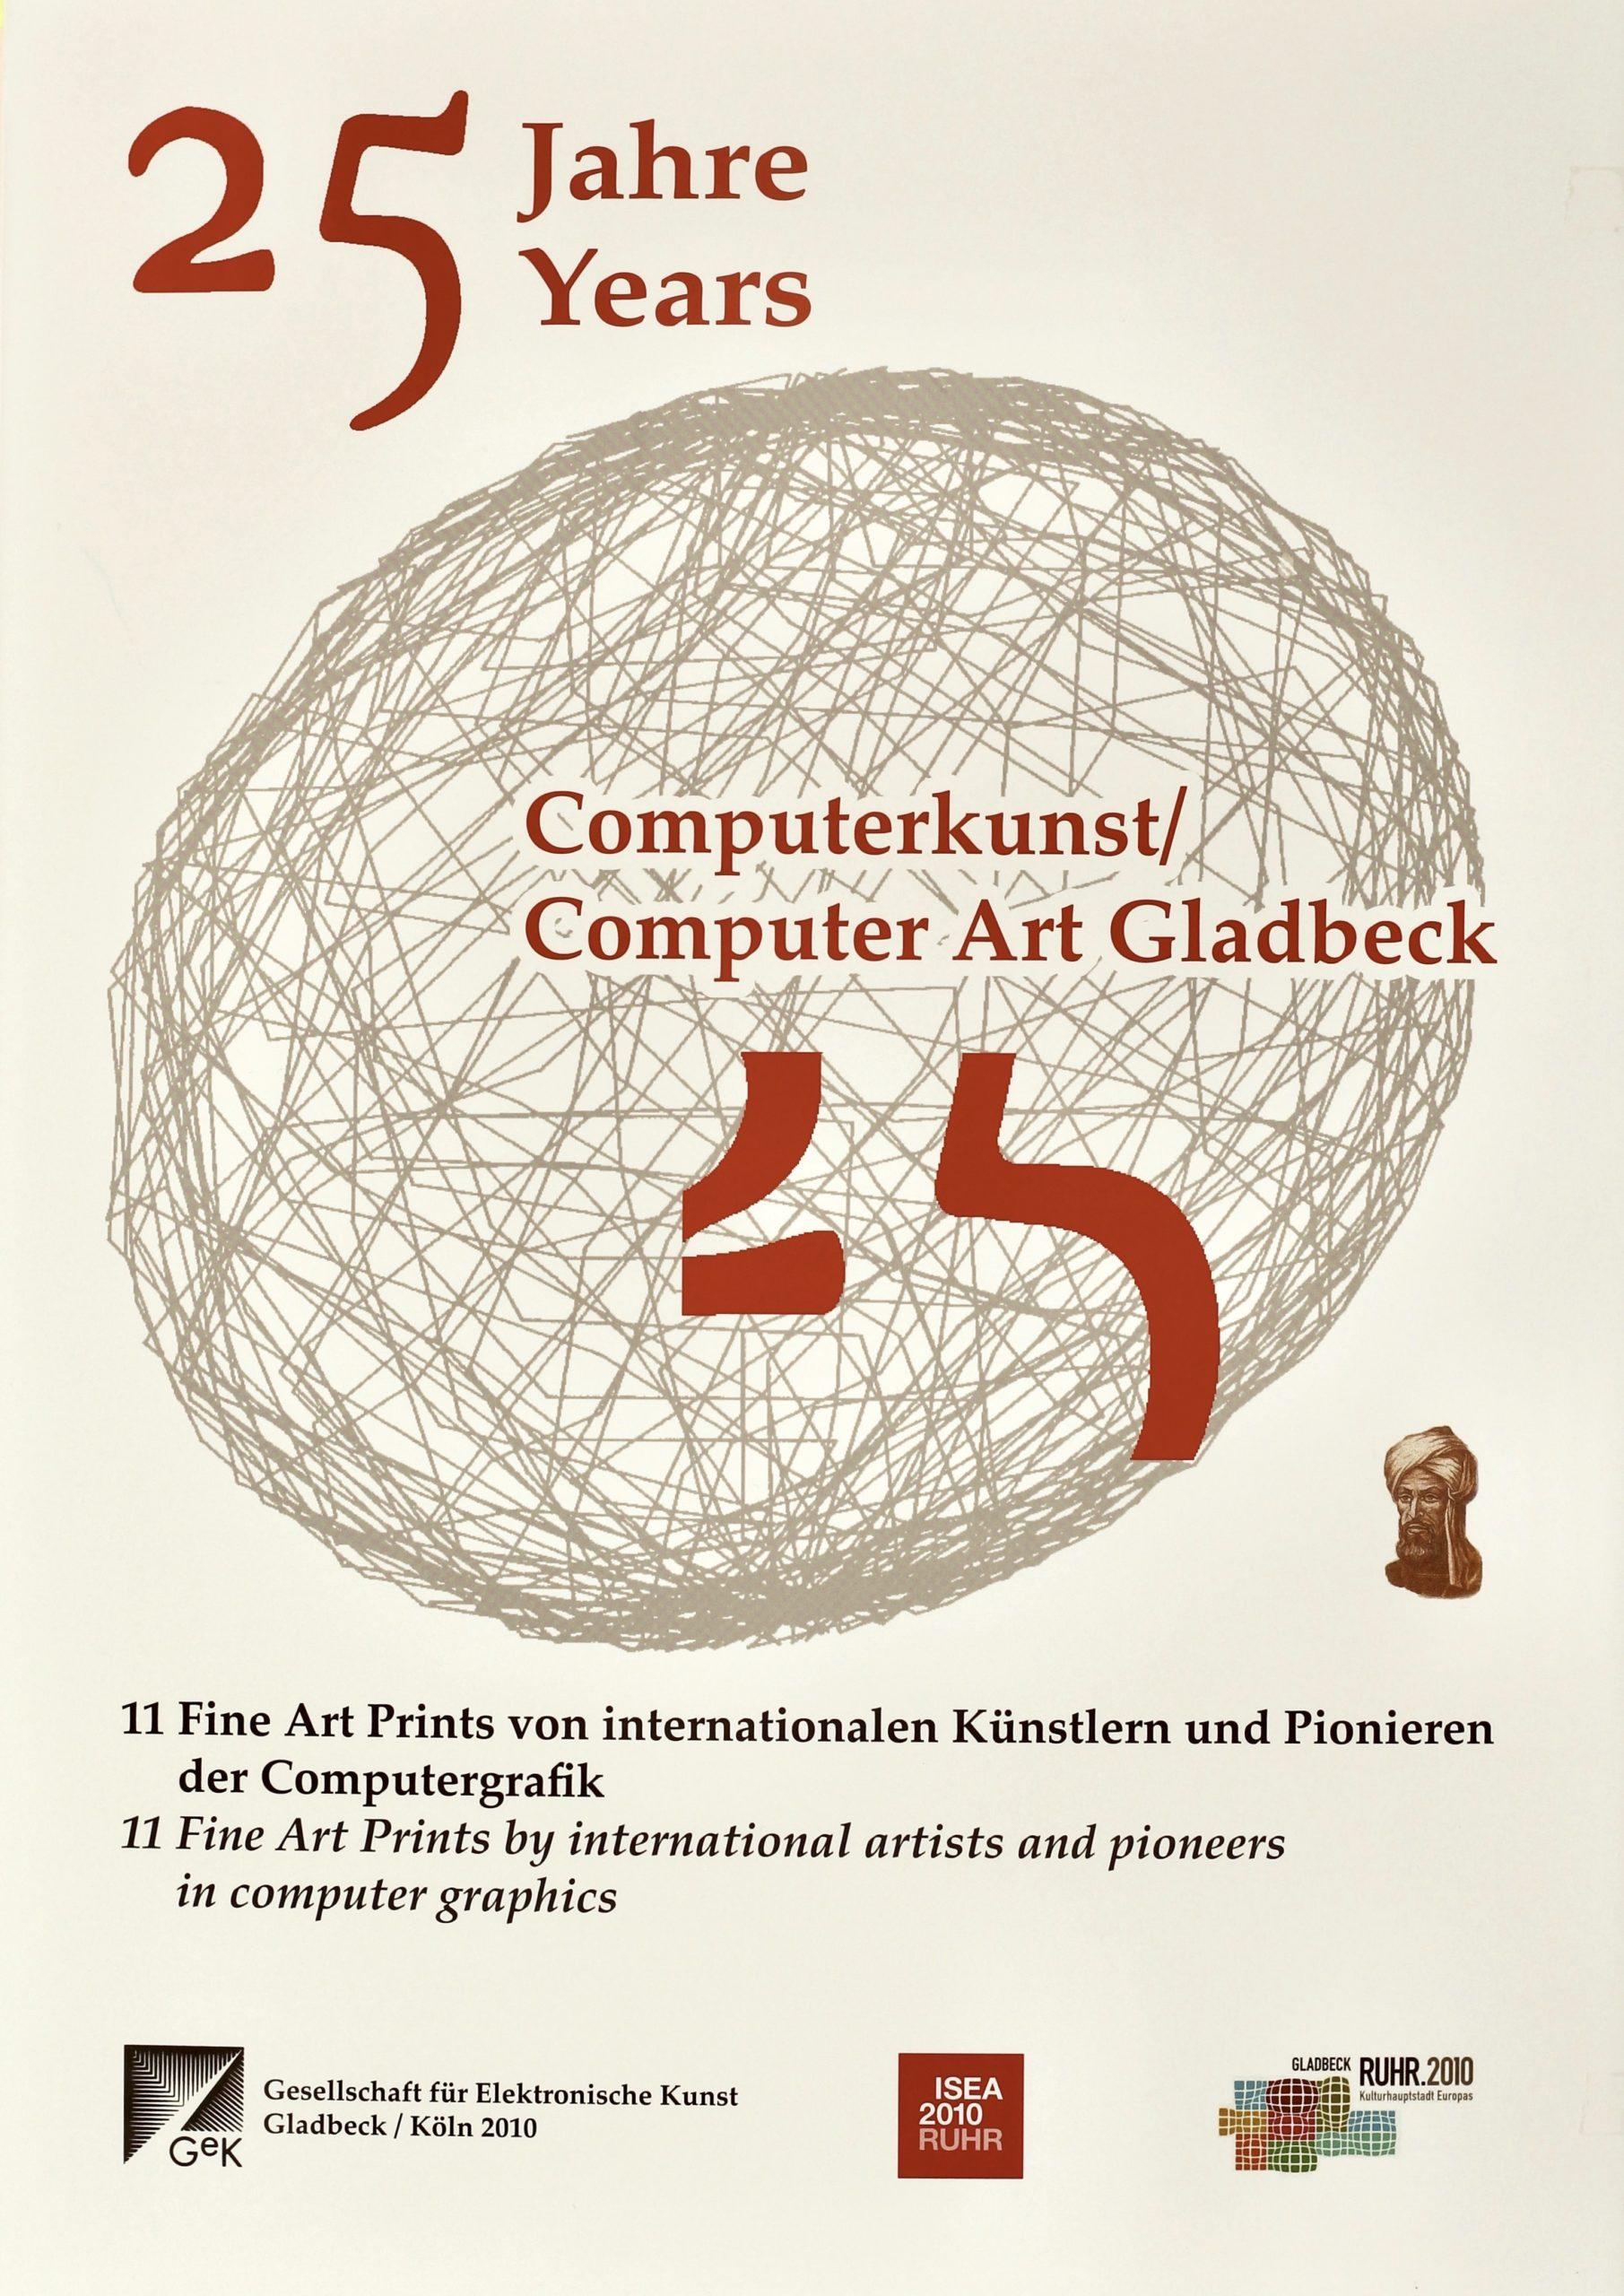 25 Jahre Computerkunst, Mappe Gladbeck